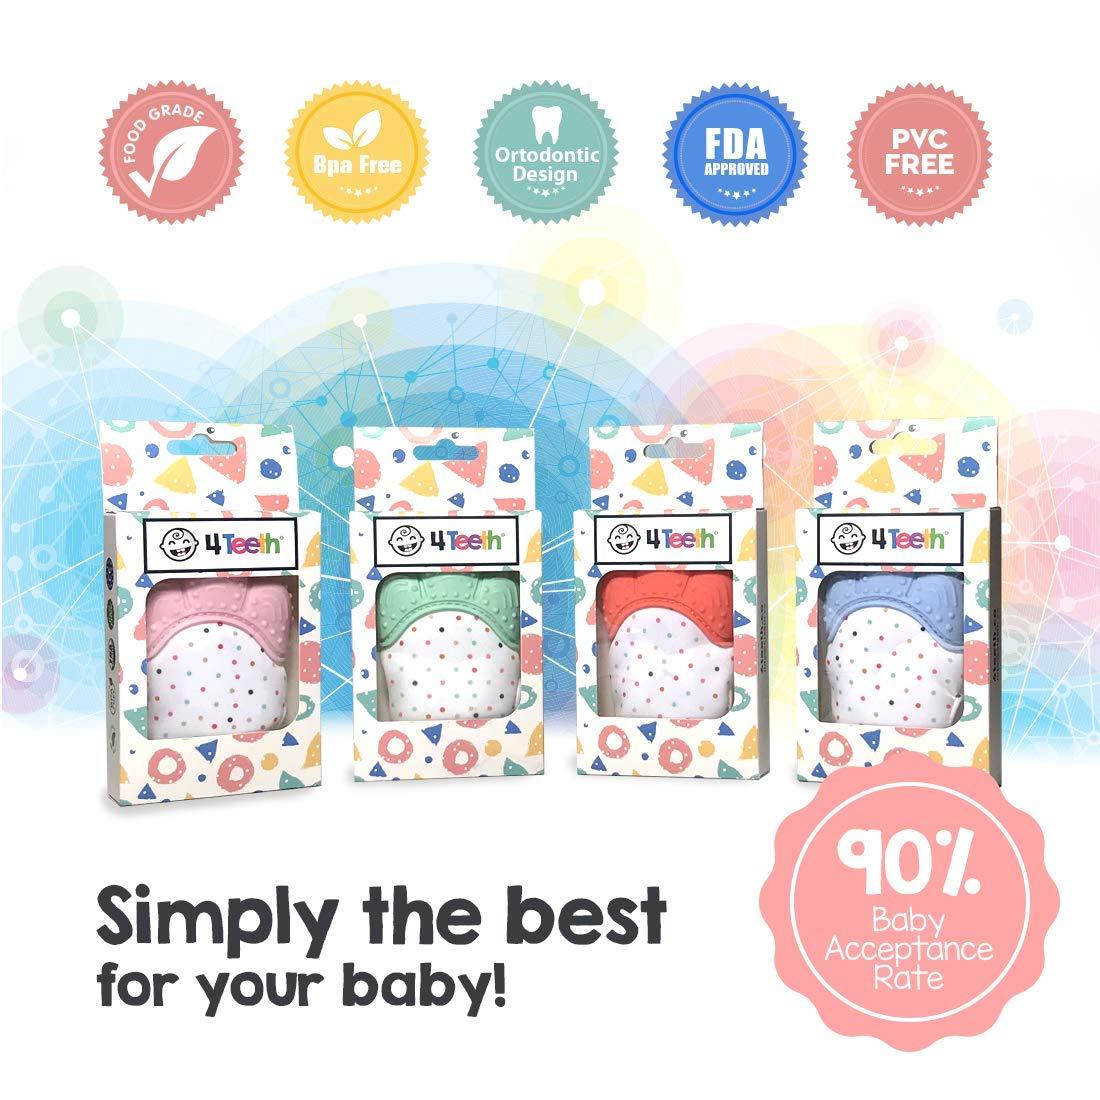 ¡Manopla de Dentición para Bebés, Juguete Premium de Silicona Suave en una Caja de Regalo! ¡Diseñado en el Reino Unido! (Menta Mágica)